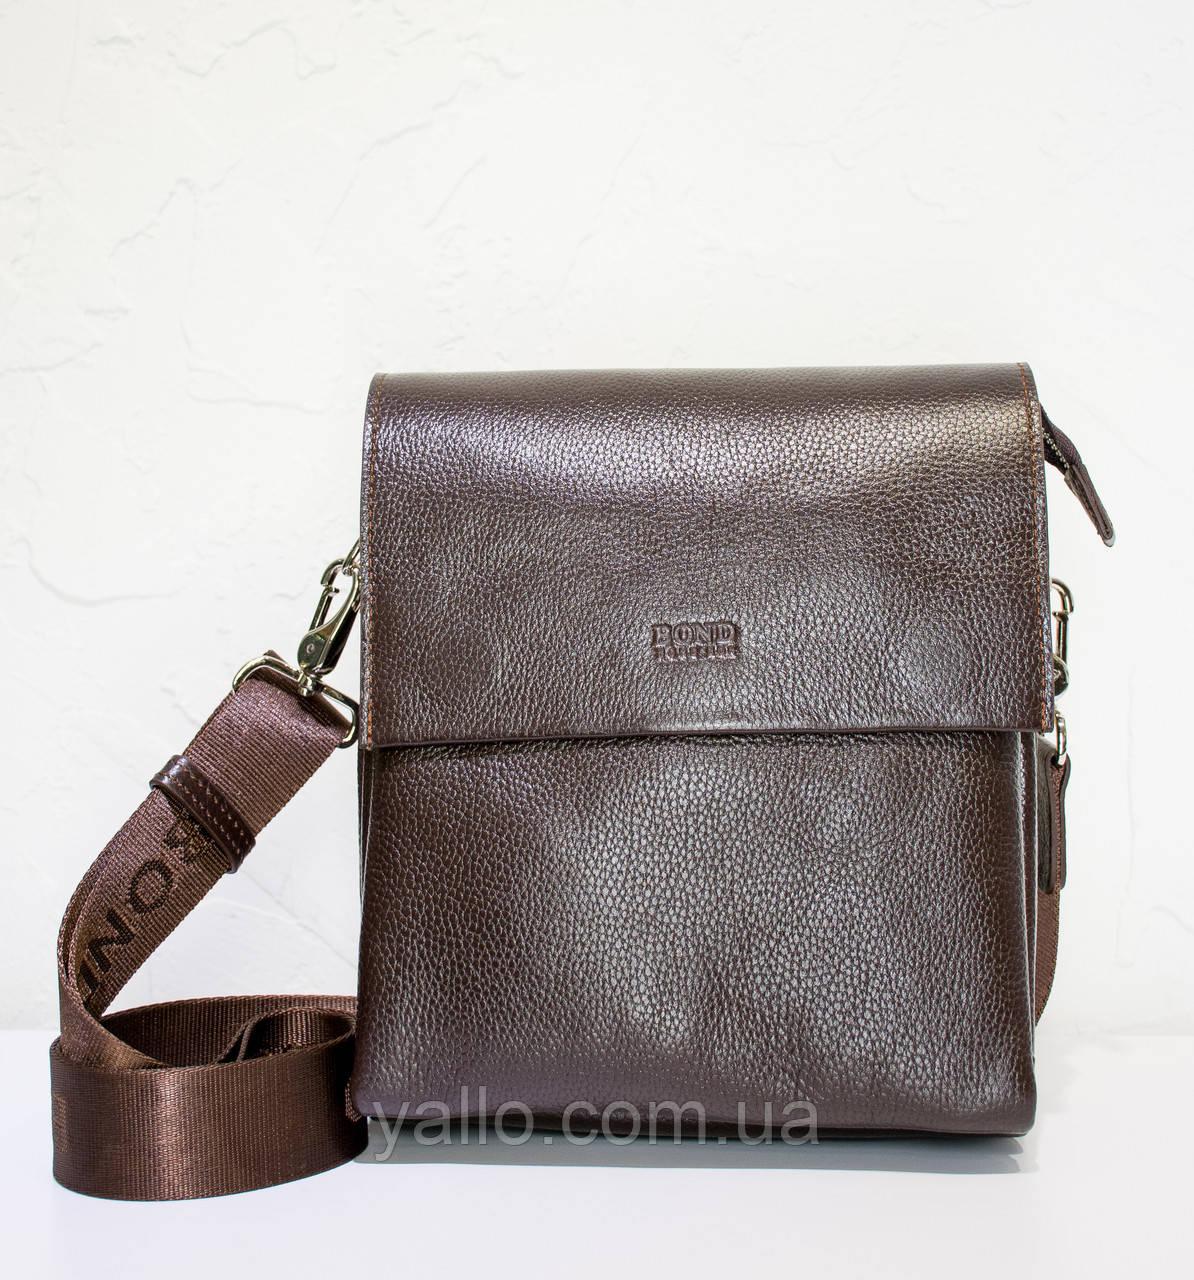 Мужская кожаная сумка BOND 1363-286